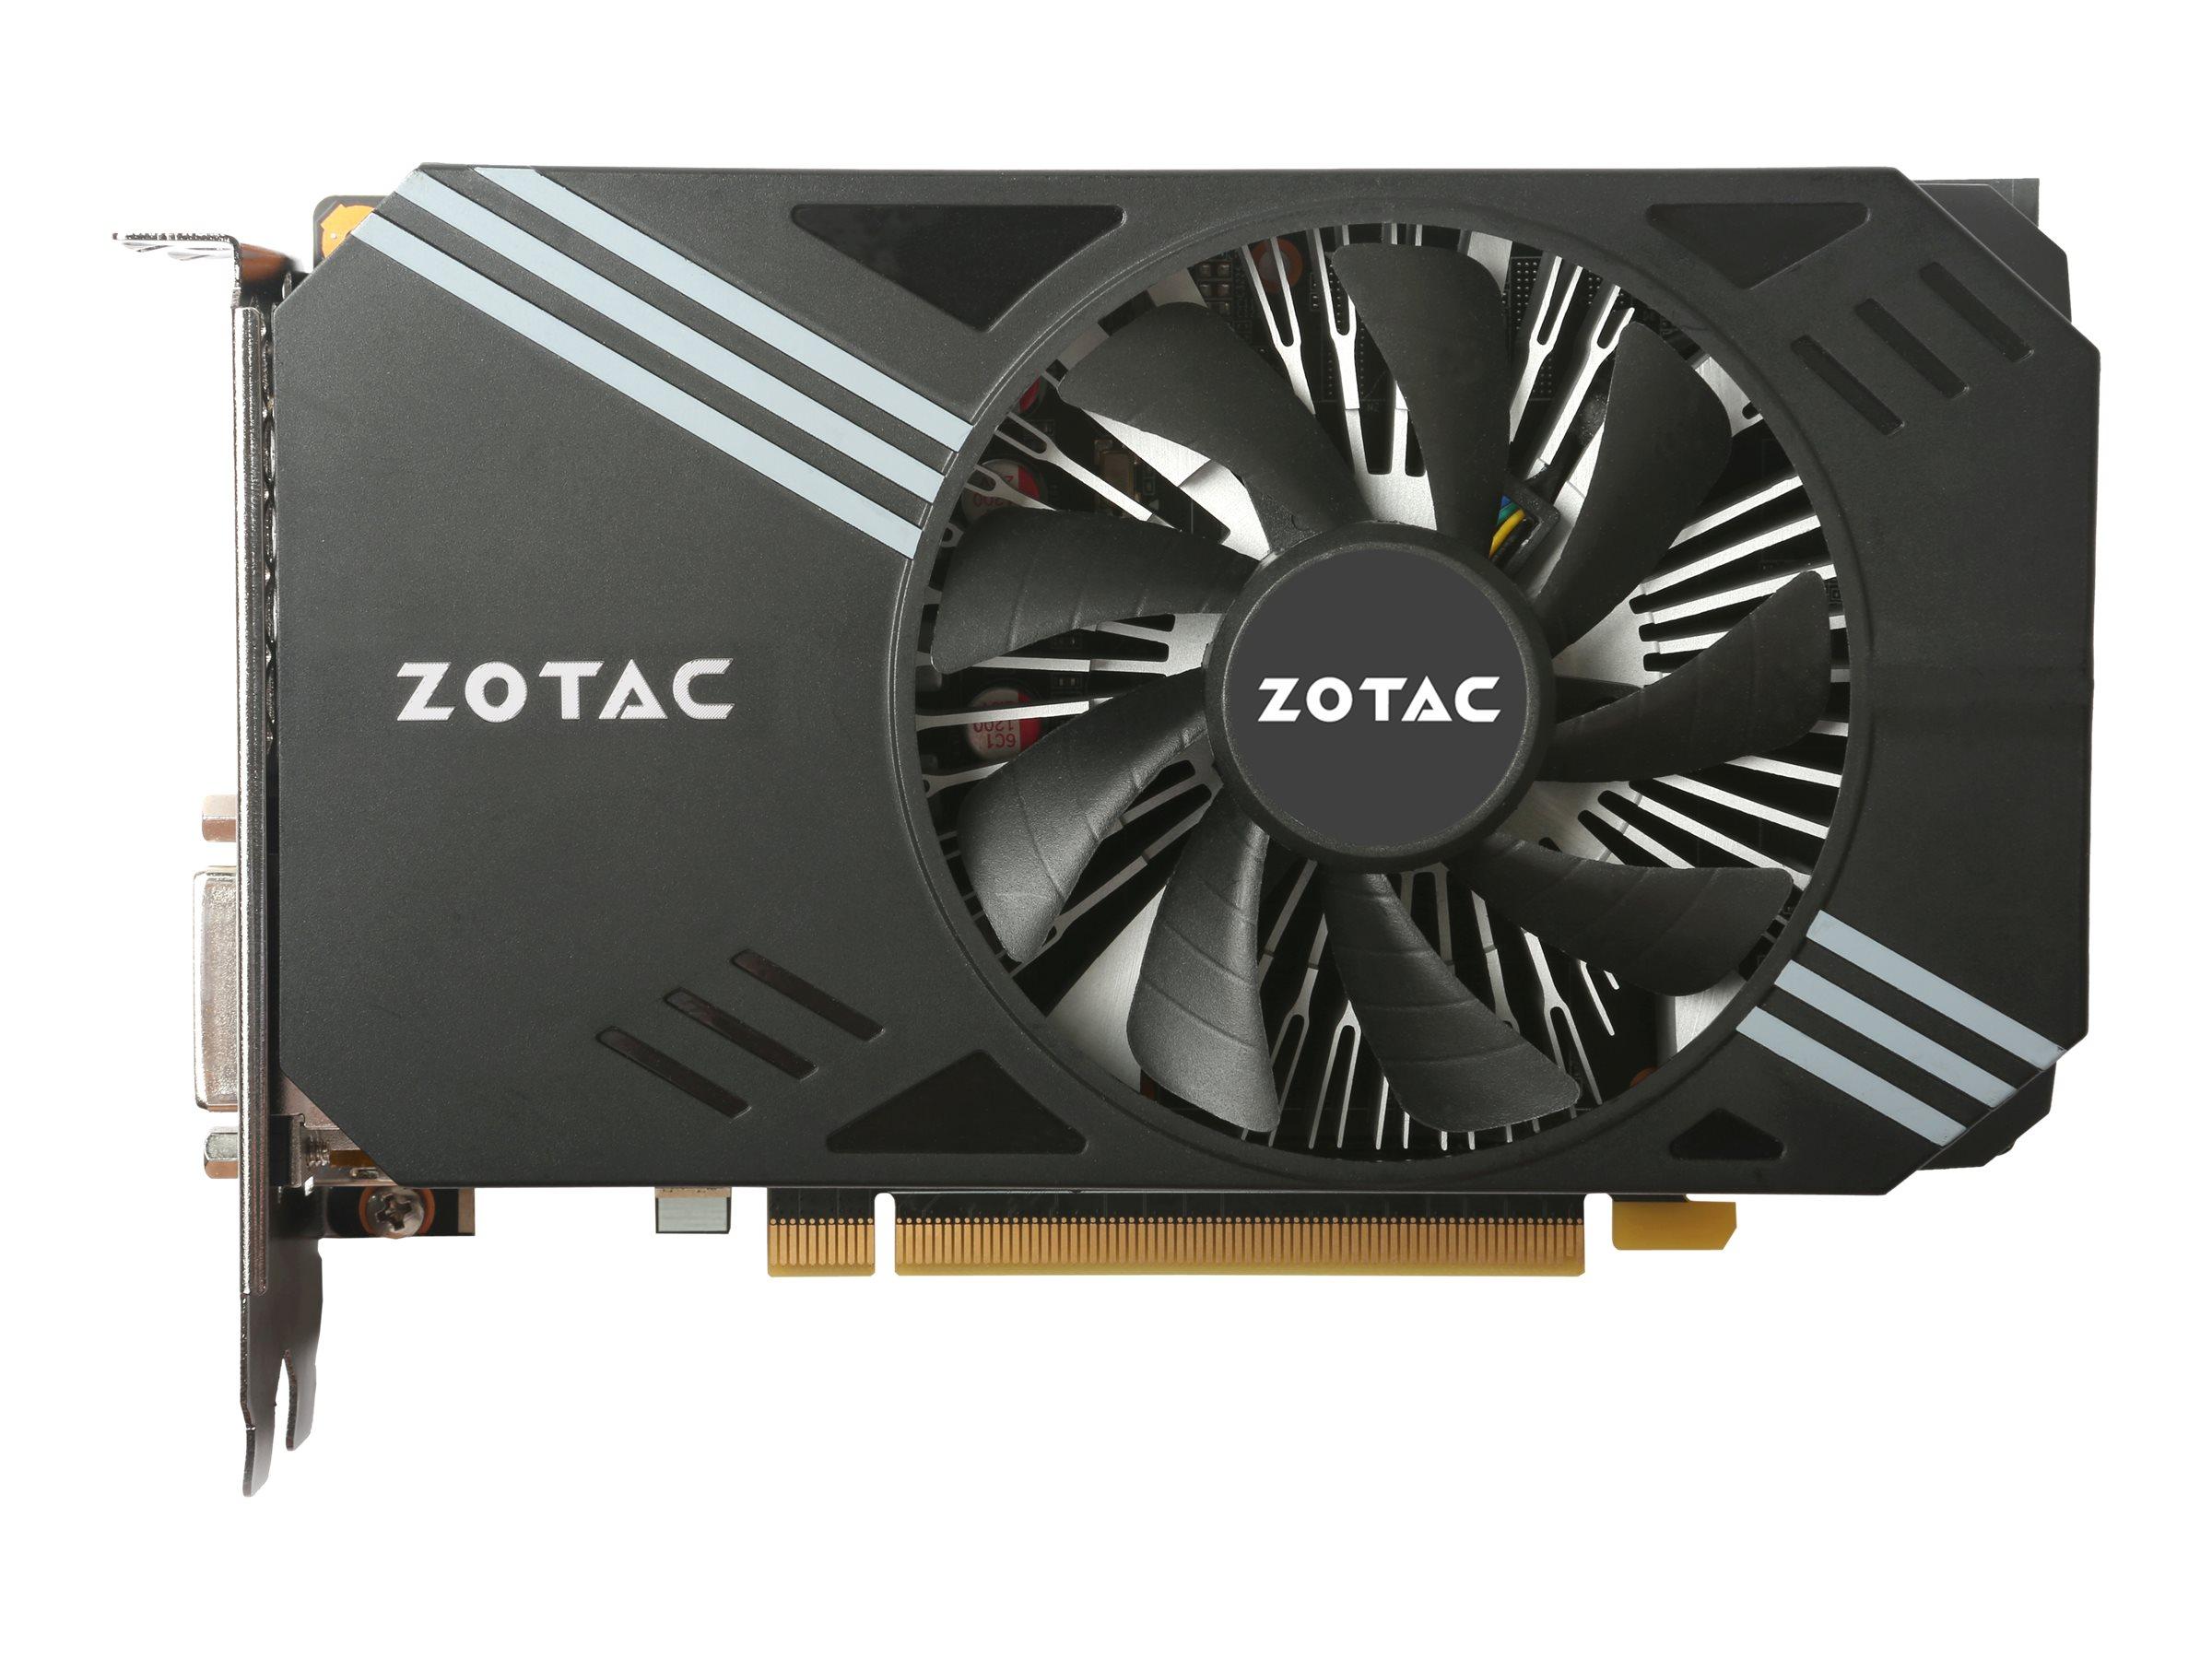 ZOTAC GeForce GTX 1060 - Grafikkarten - GF GTX 1060 - 3 GB GDDR5 - PCIe 3.0 x16 - DVI, HDMI, 3 x DisplayPort